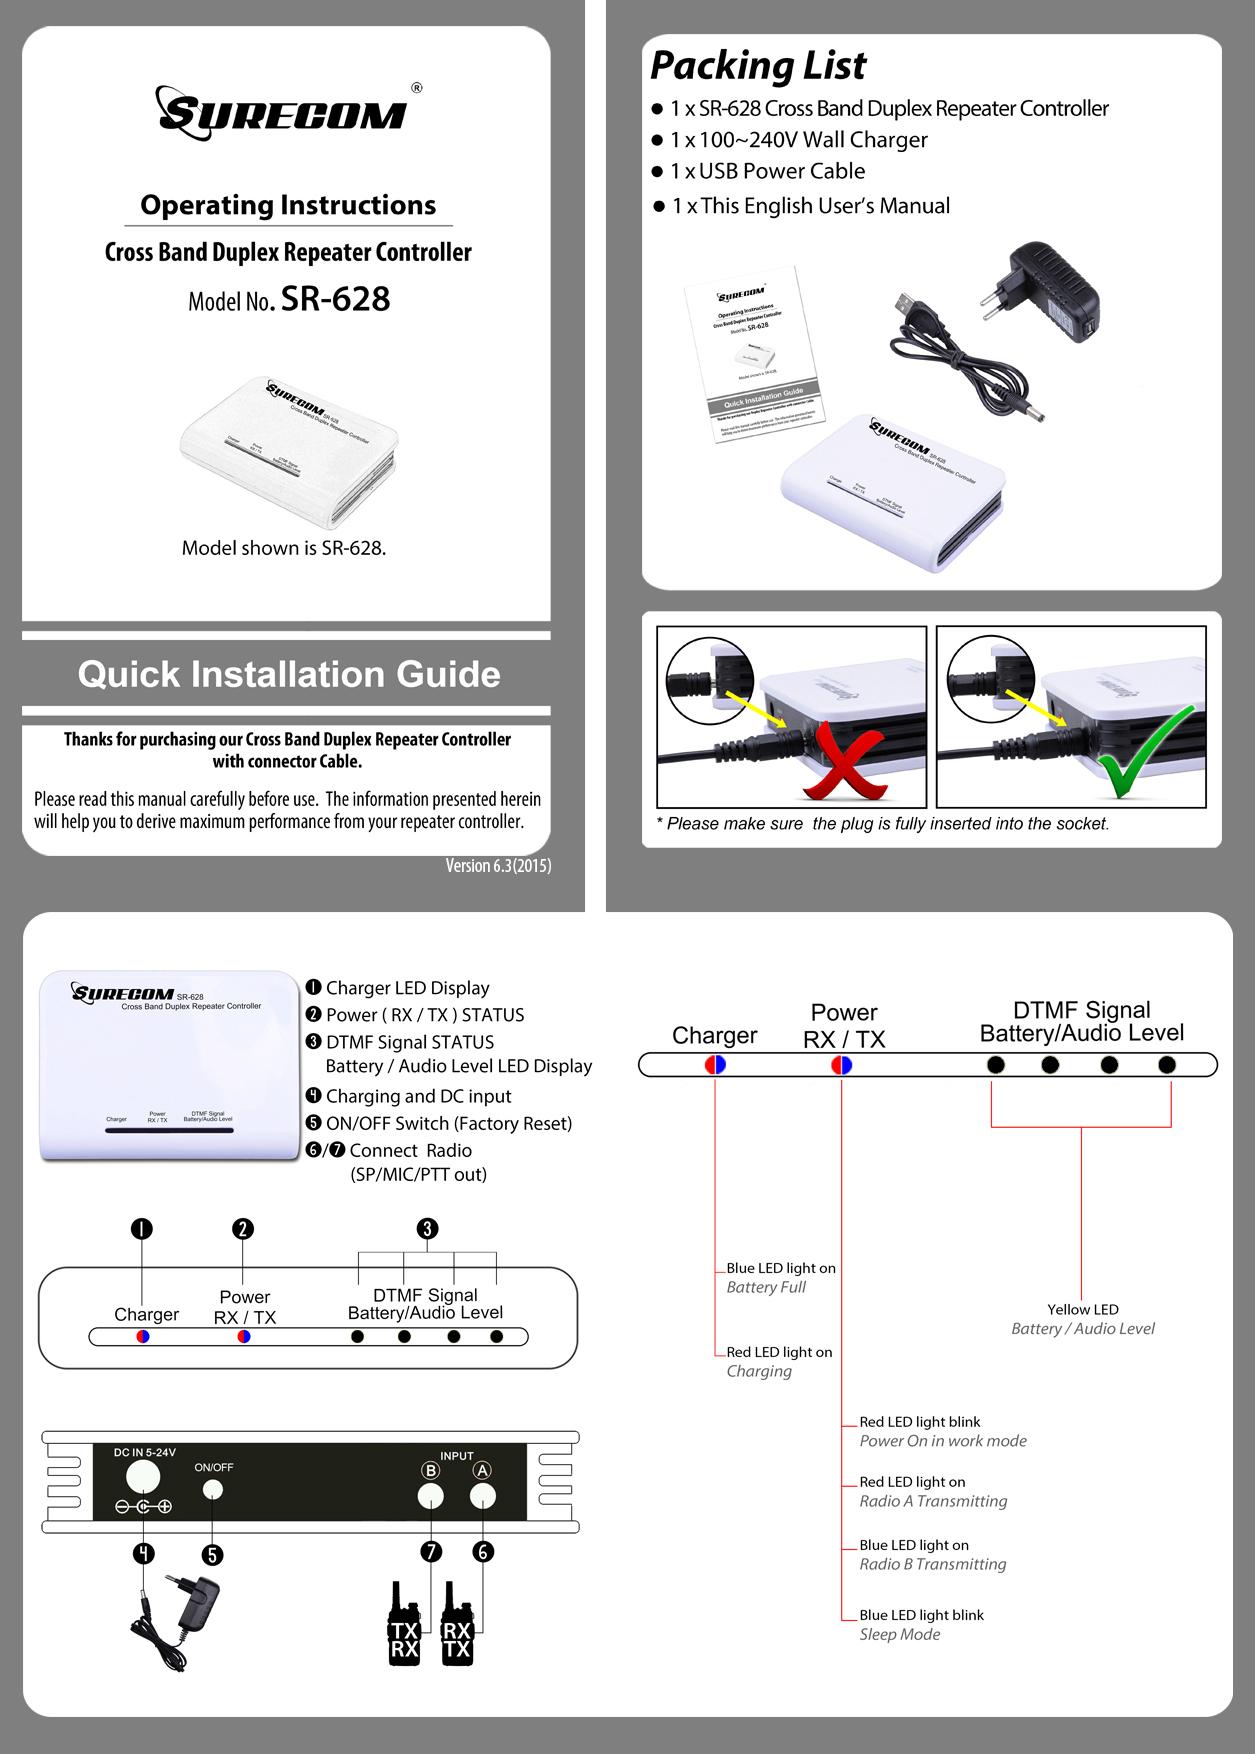 SURECOM SR-628 Manual